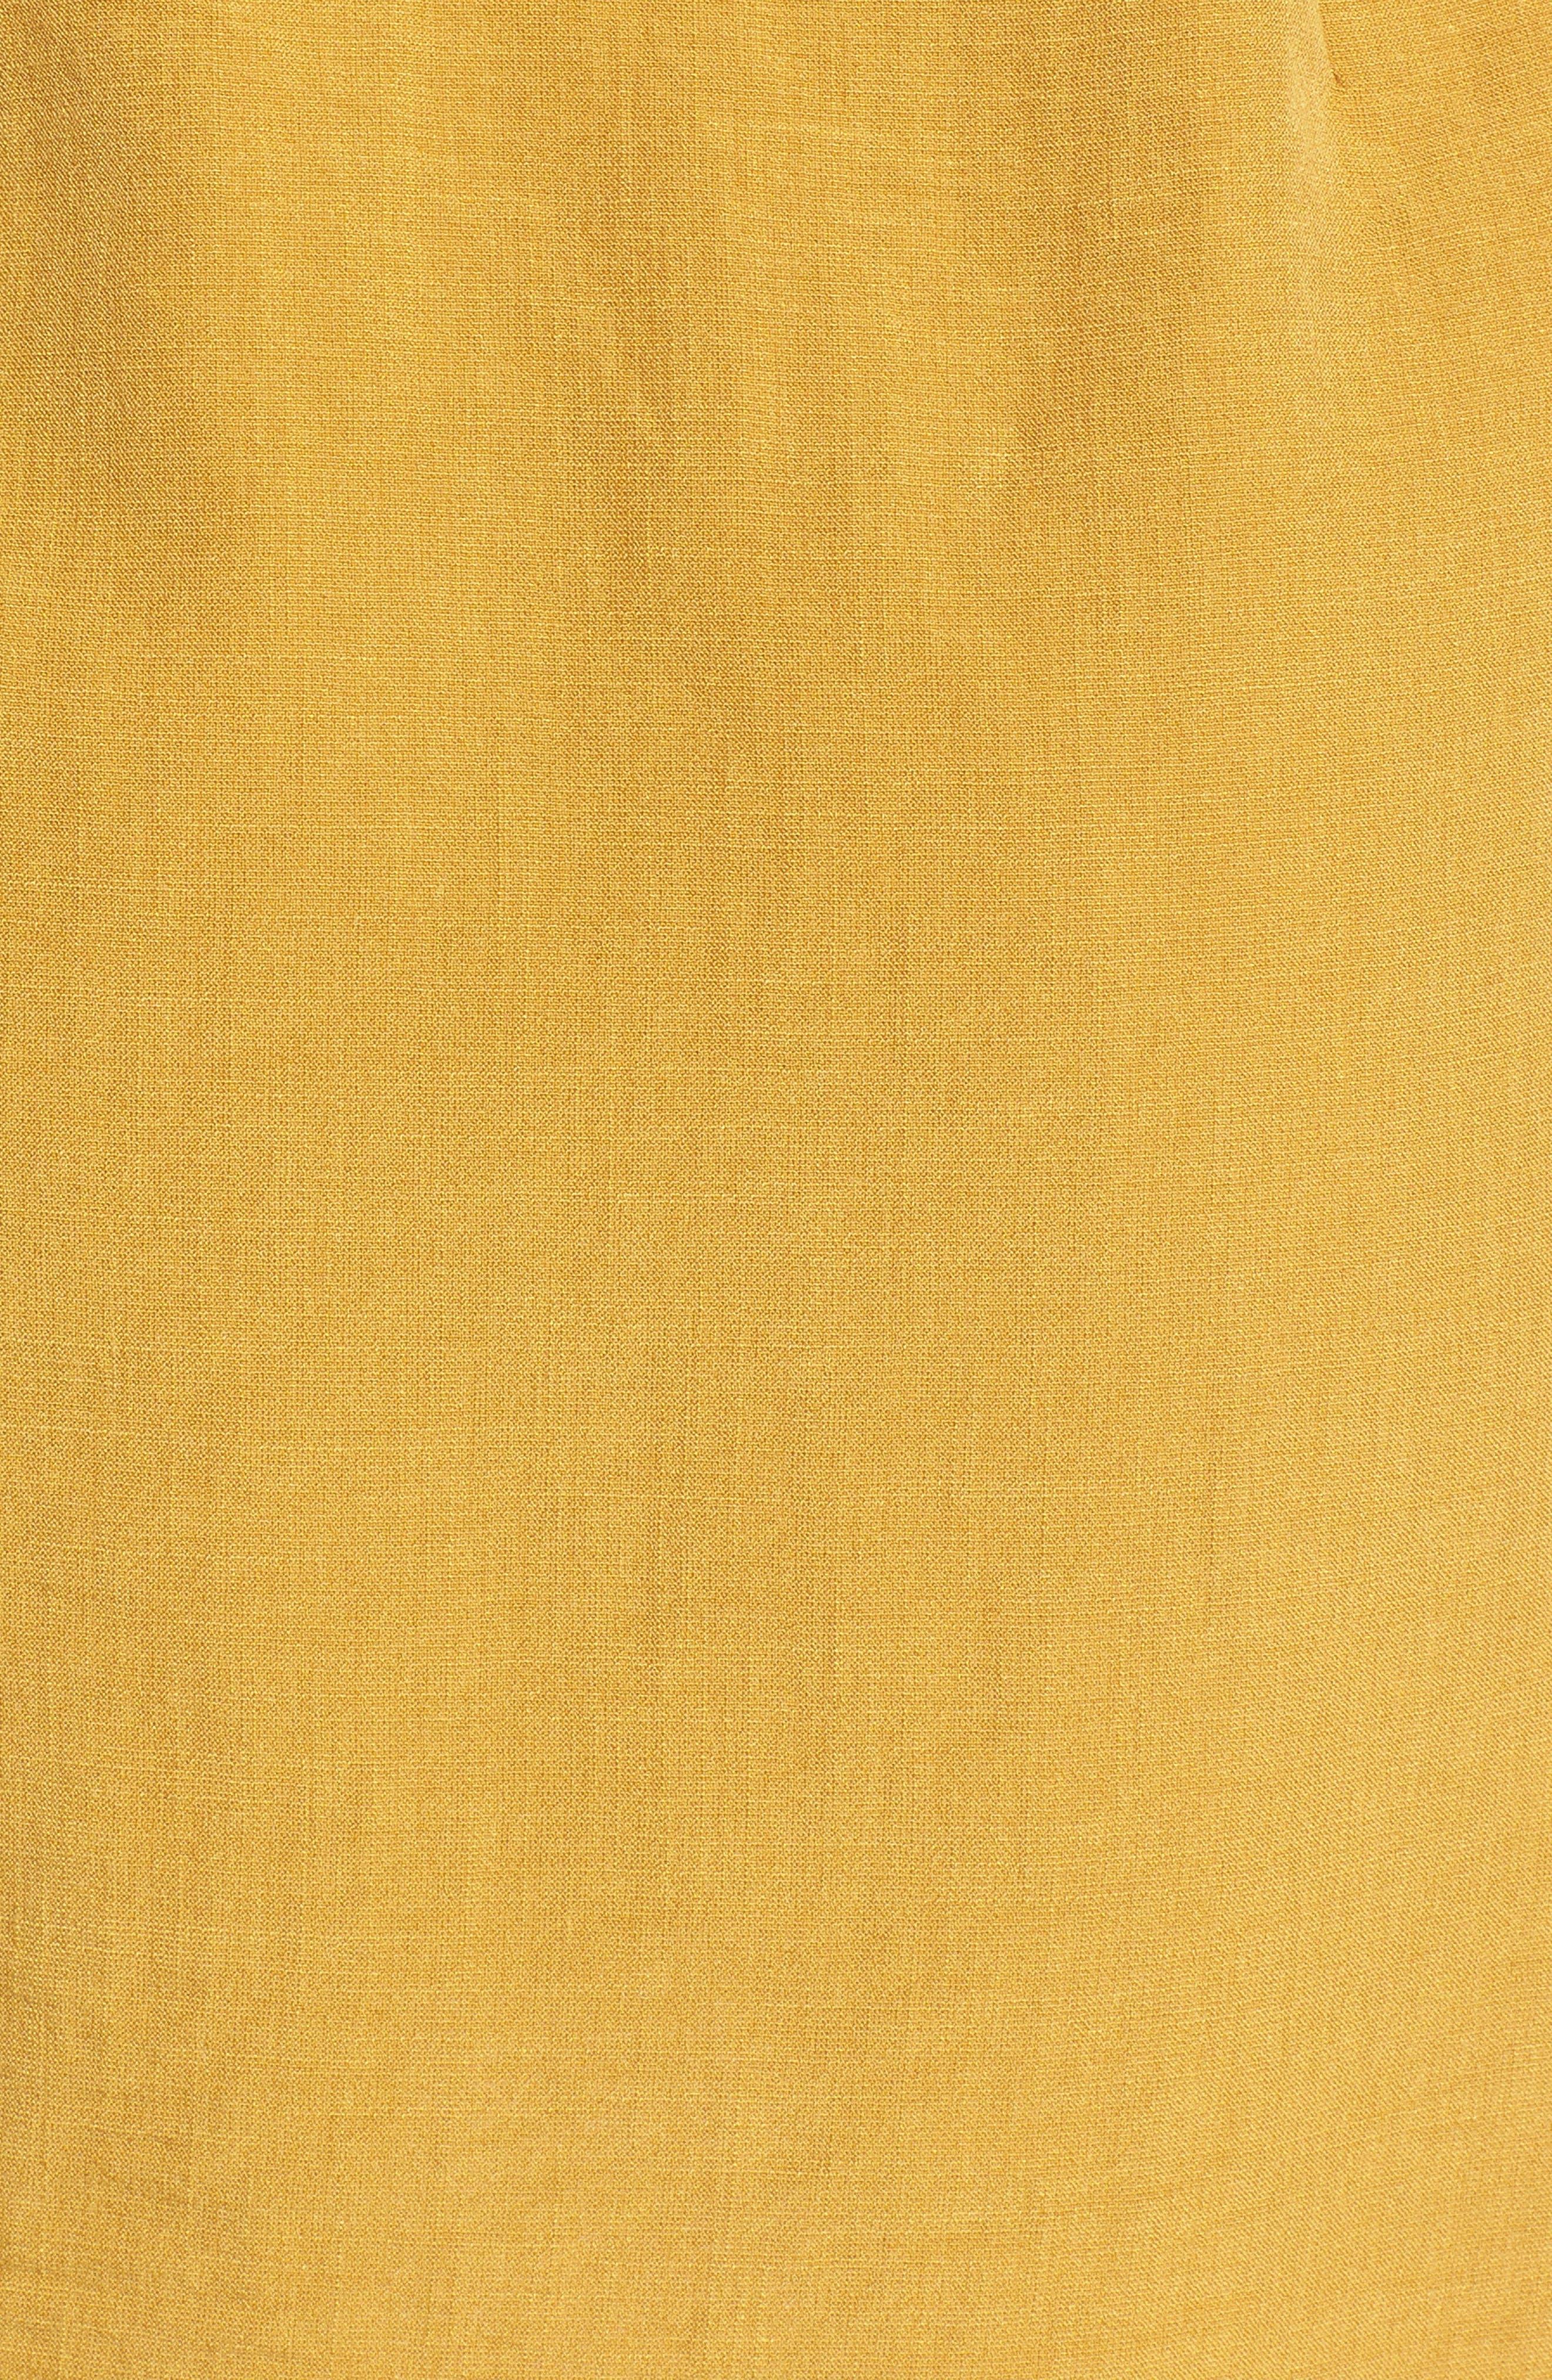 Poppy Flutter Sleeve Tie Dress,                             Alternate thumbnail 5, color,